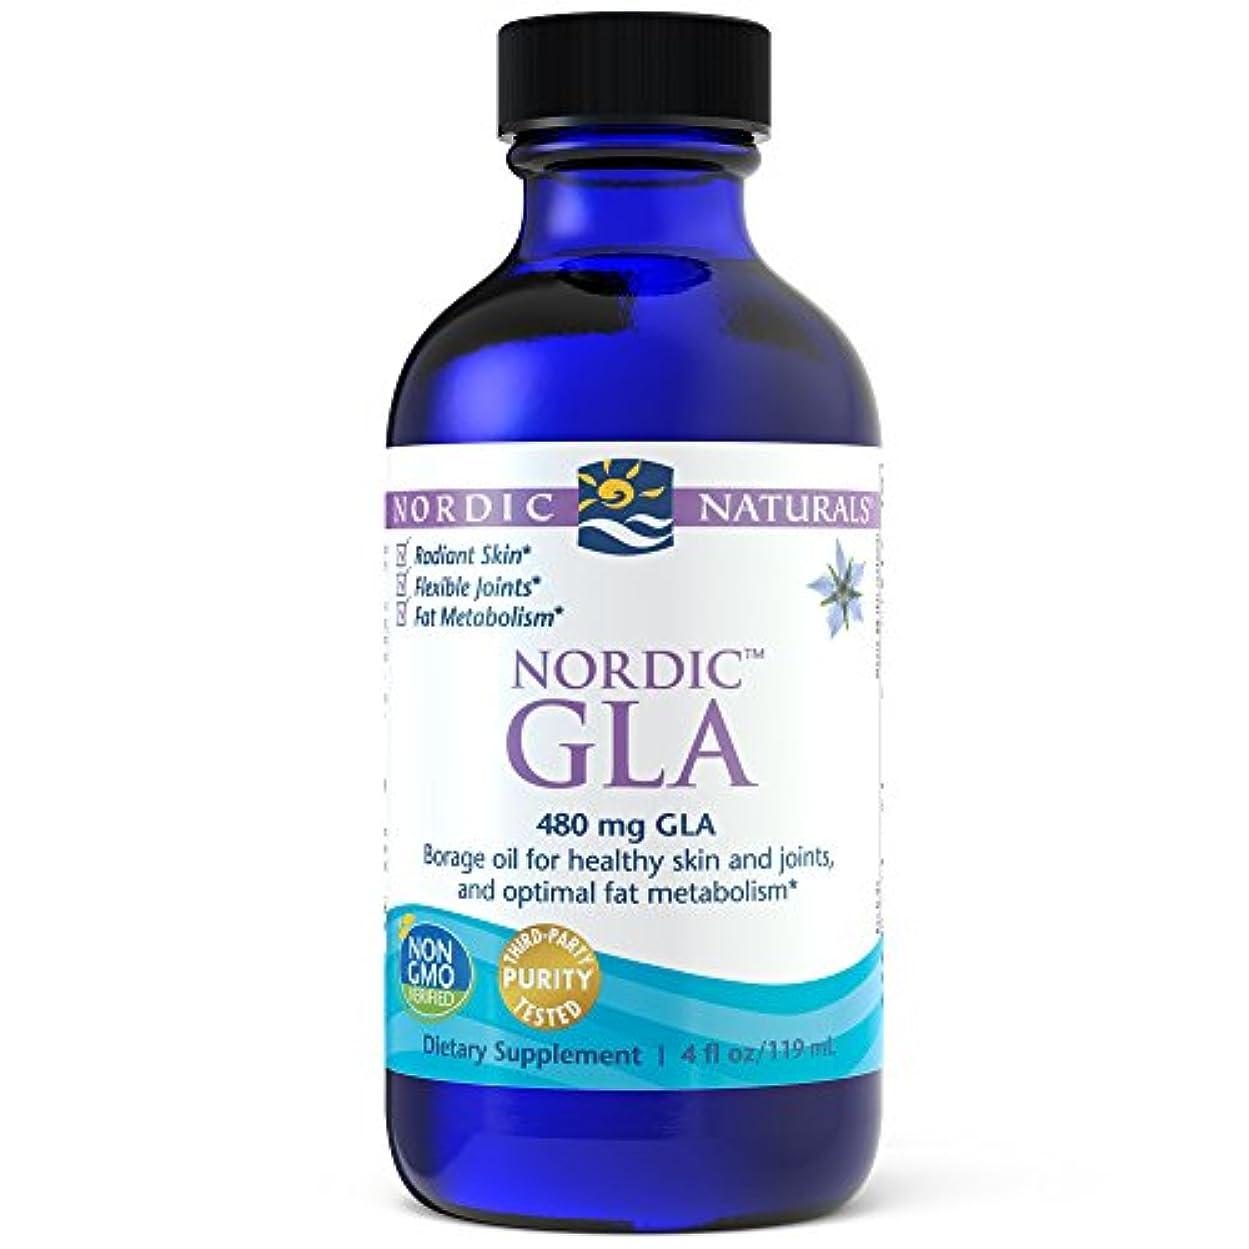 リンケージ典型的な喜んでNordic Naturals ノルディック GLA アンフレーバー 4 オンス